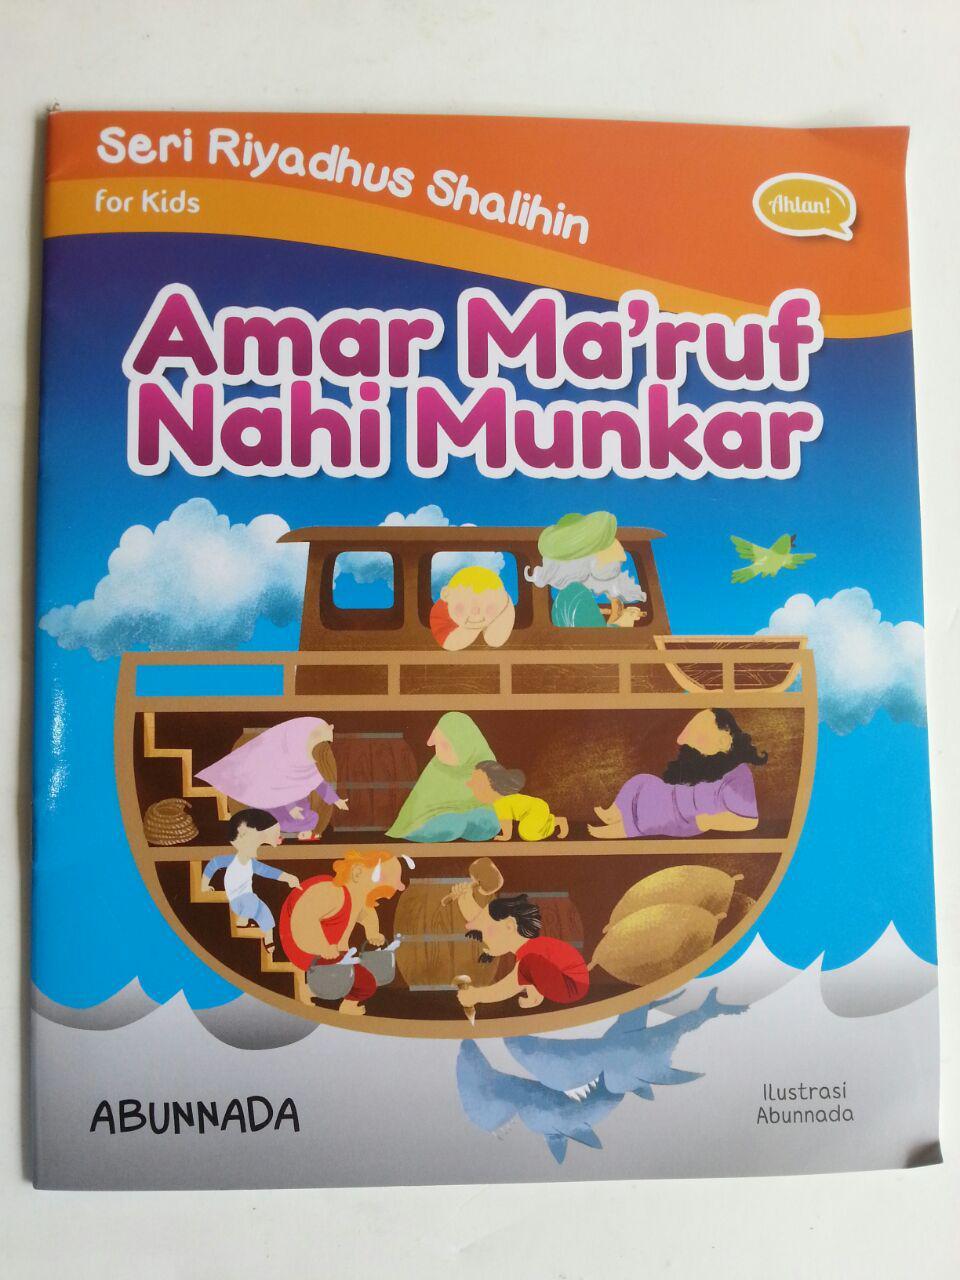 Buku Anak Seri Riyadhus Shalihin For Kids Amar Maruf Nahi Munkar cover 2